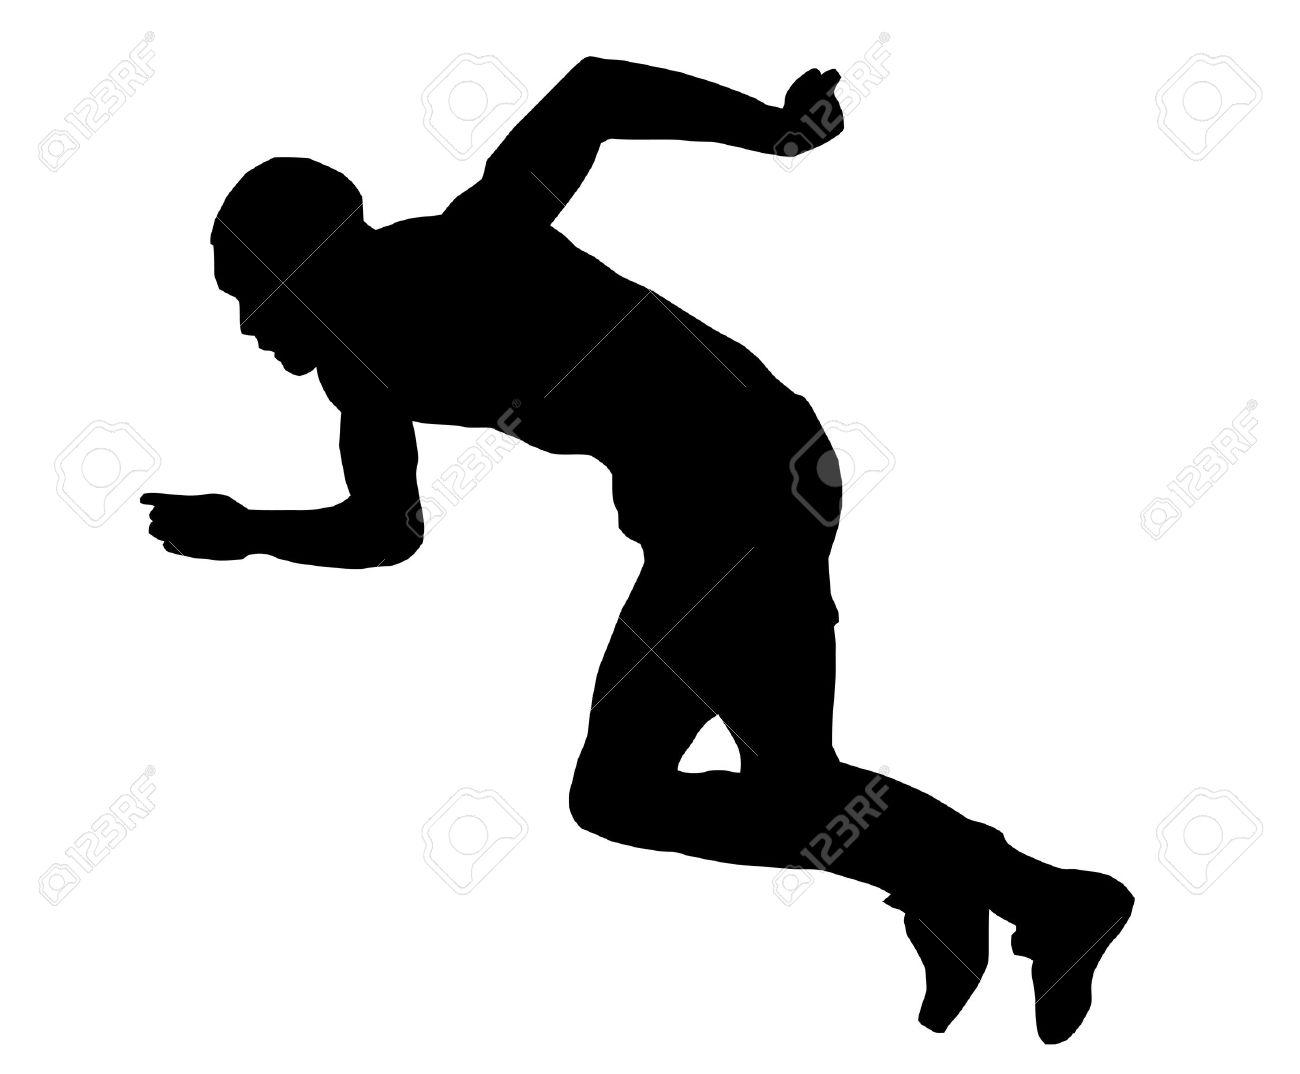 athlete clipart sprinter